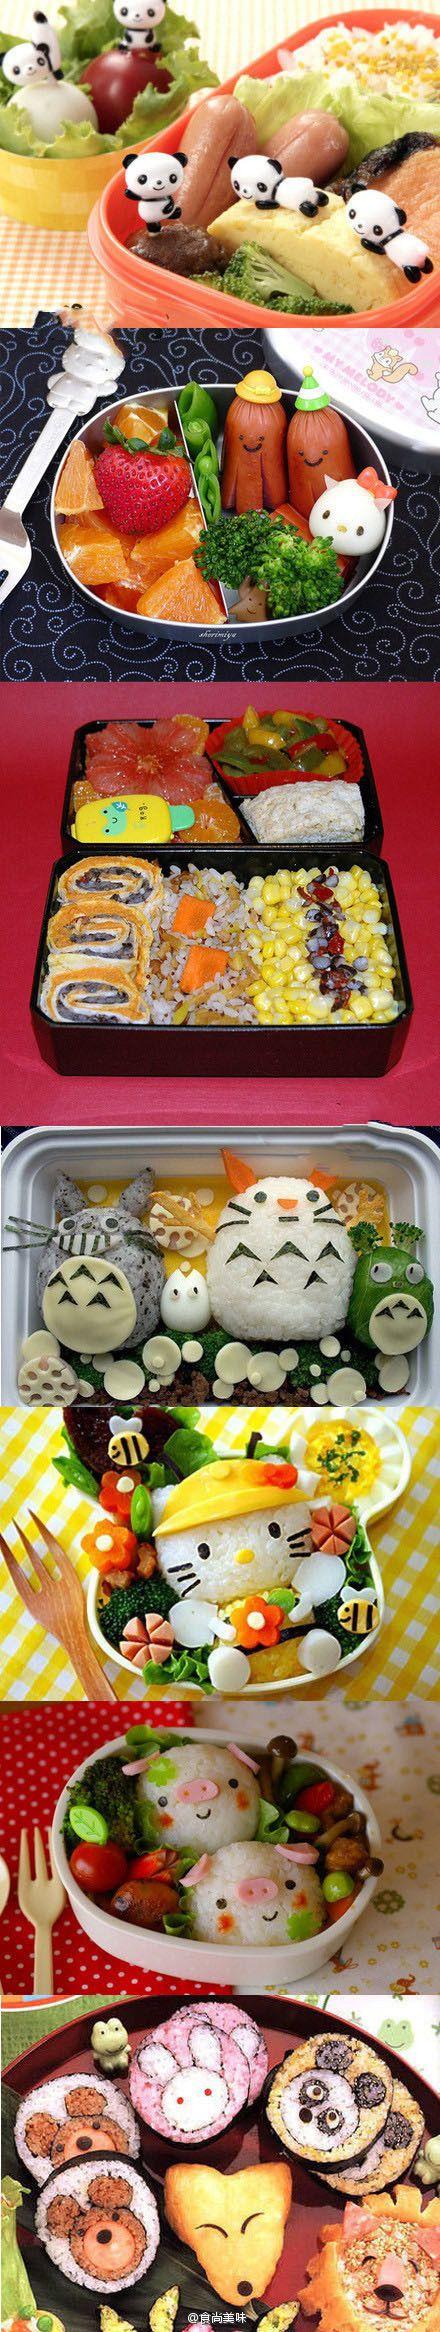 介样的便当和寿司怎能不爱~